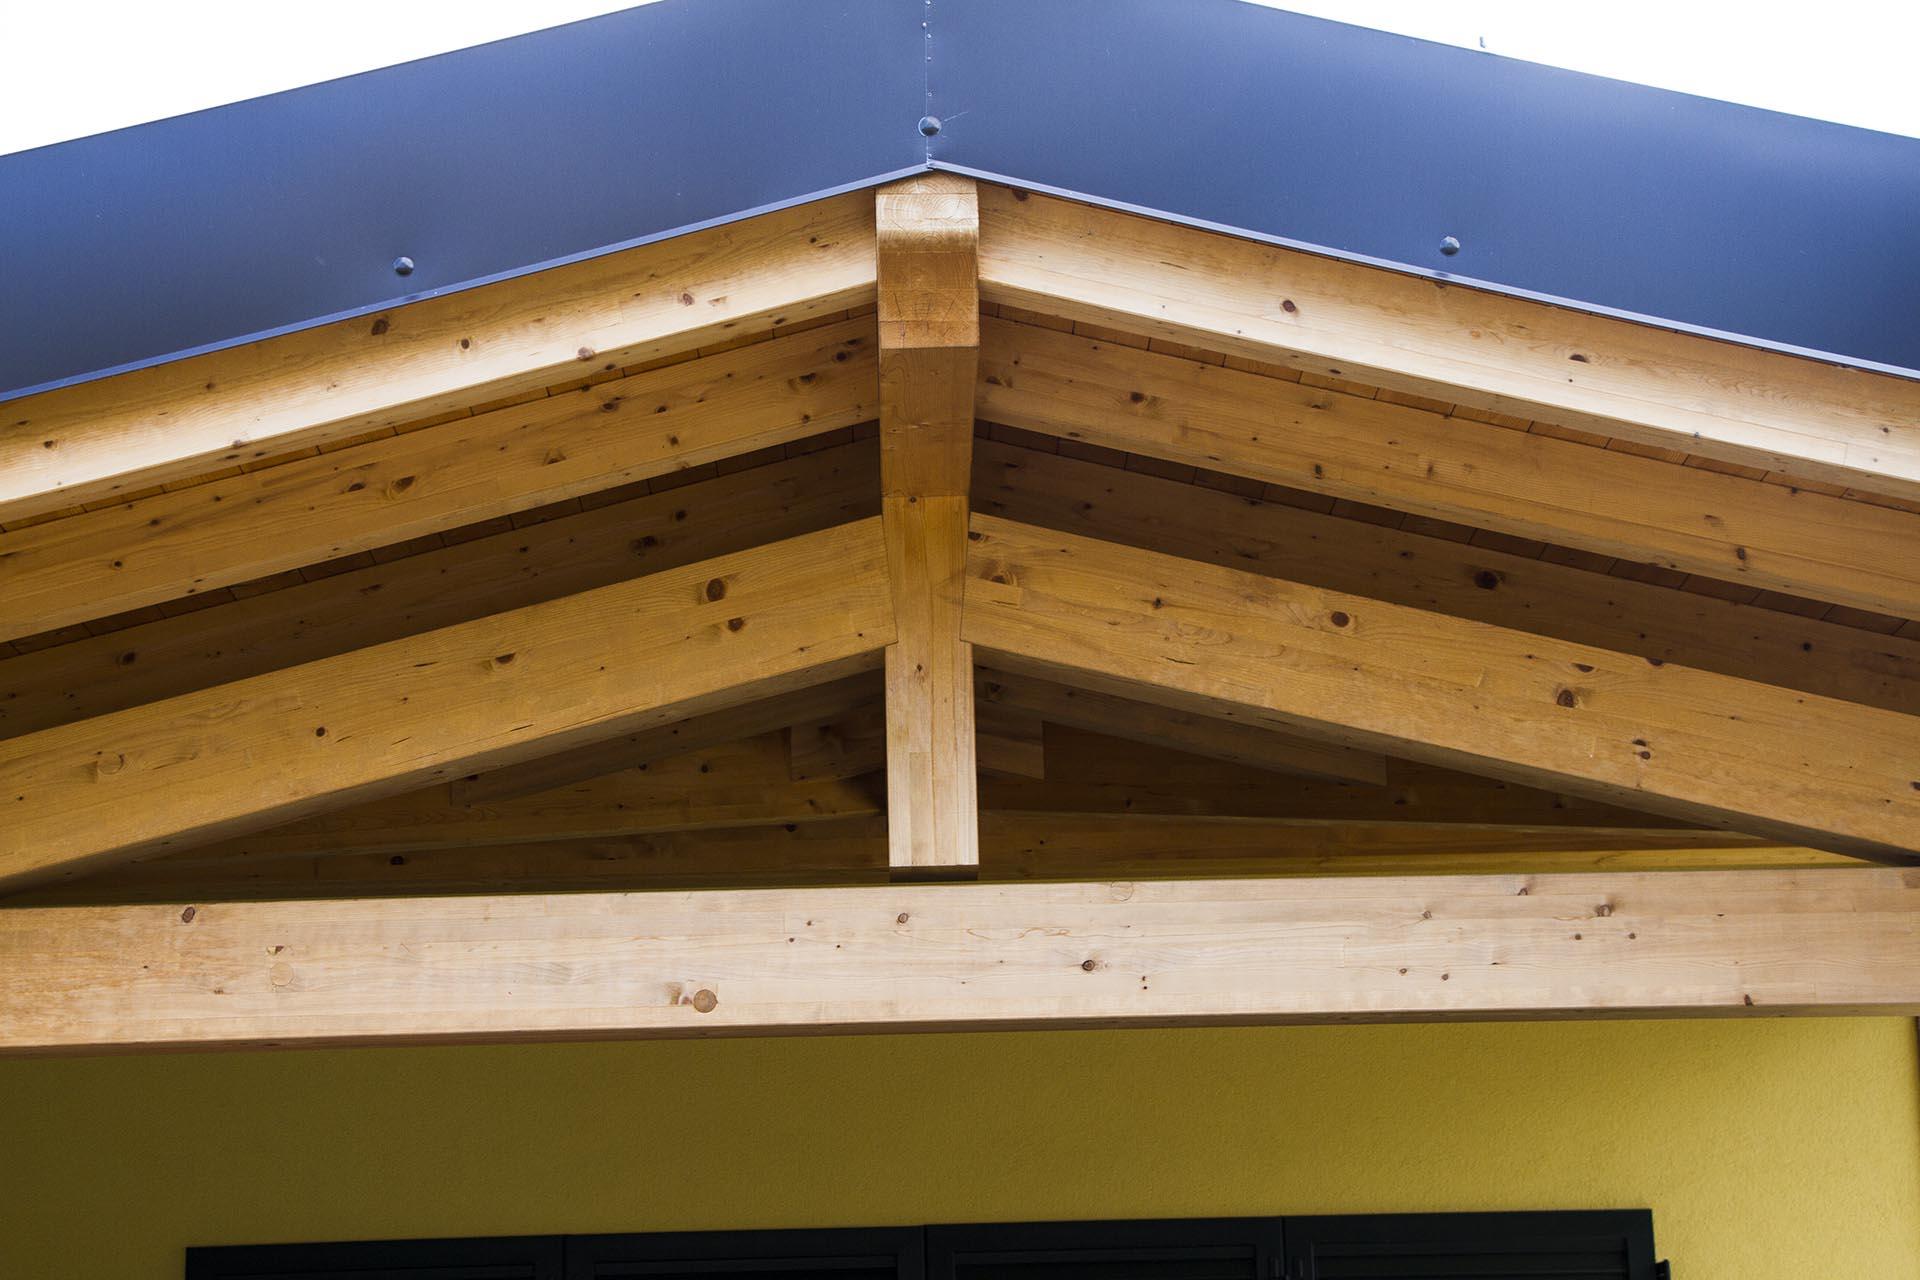 materiale per casa in legno - mazzocchi legno-strutture edili